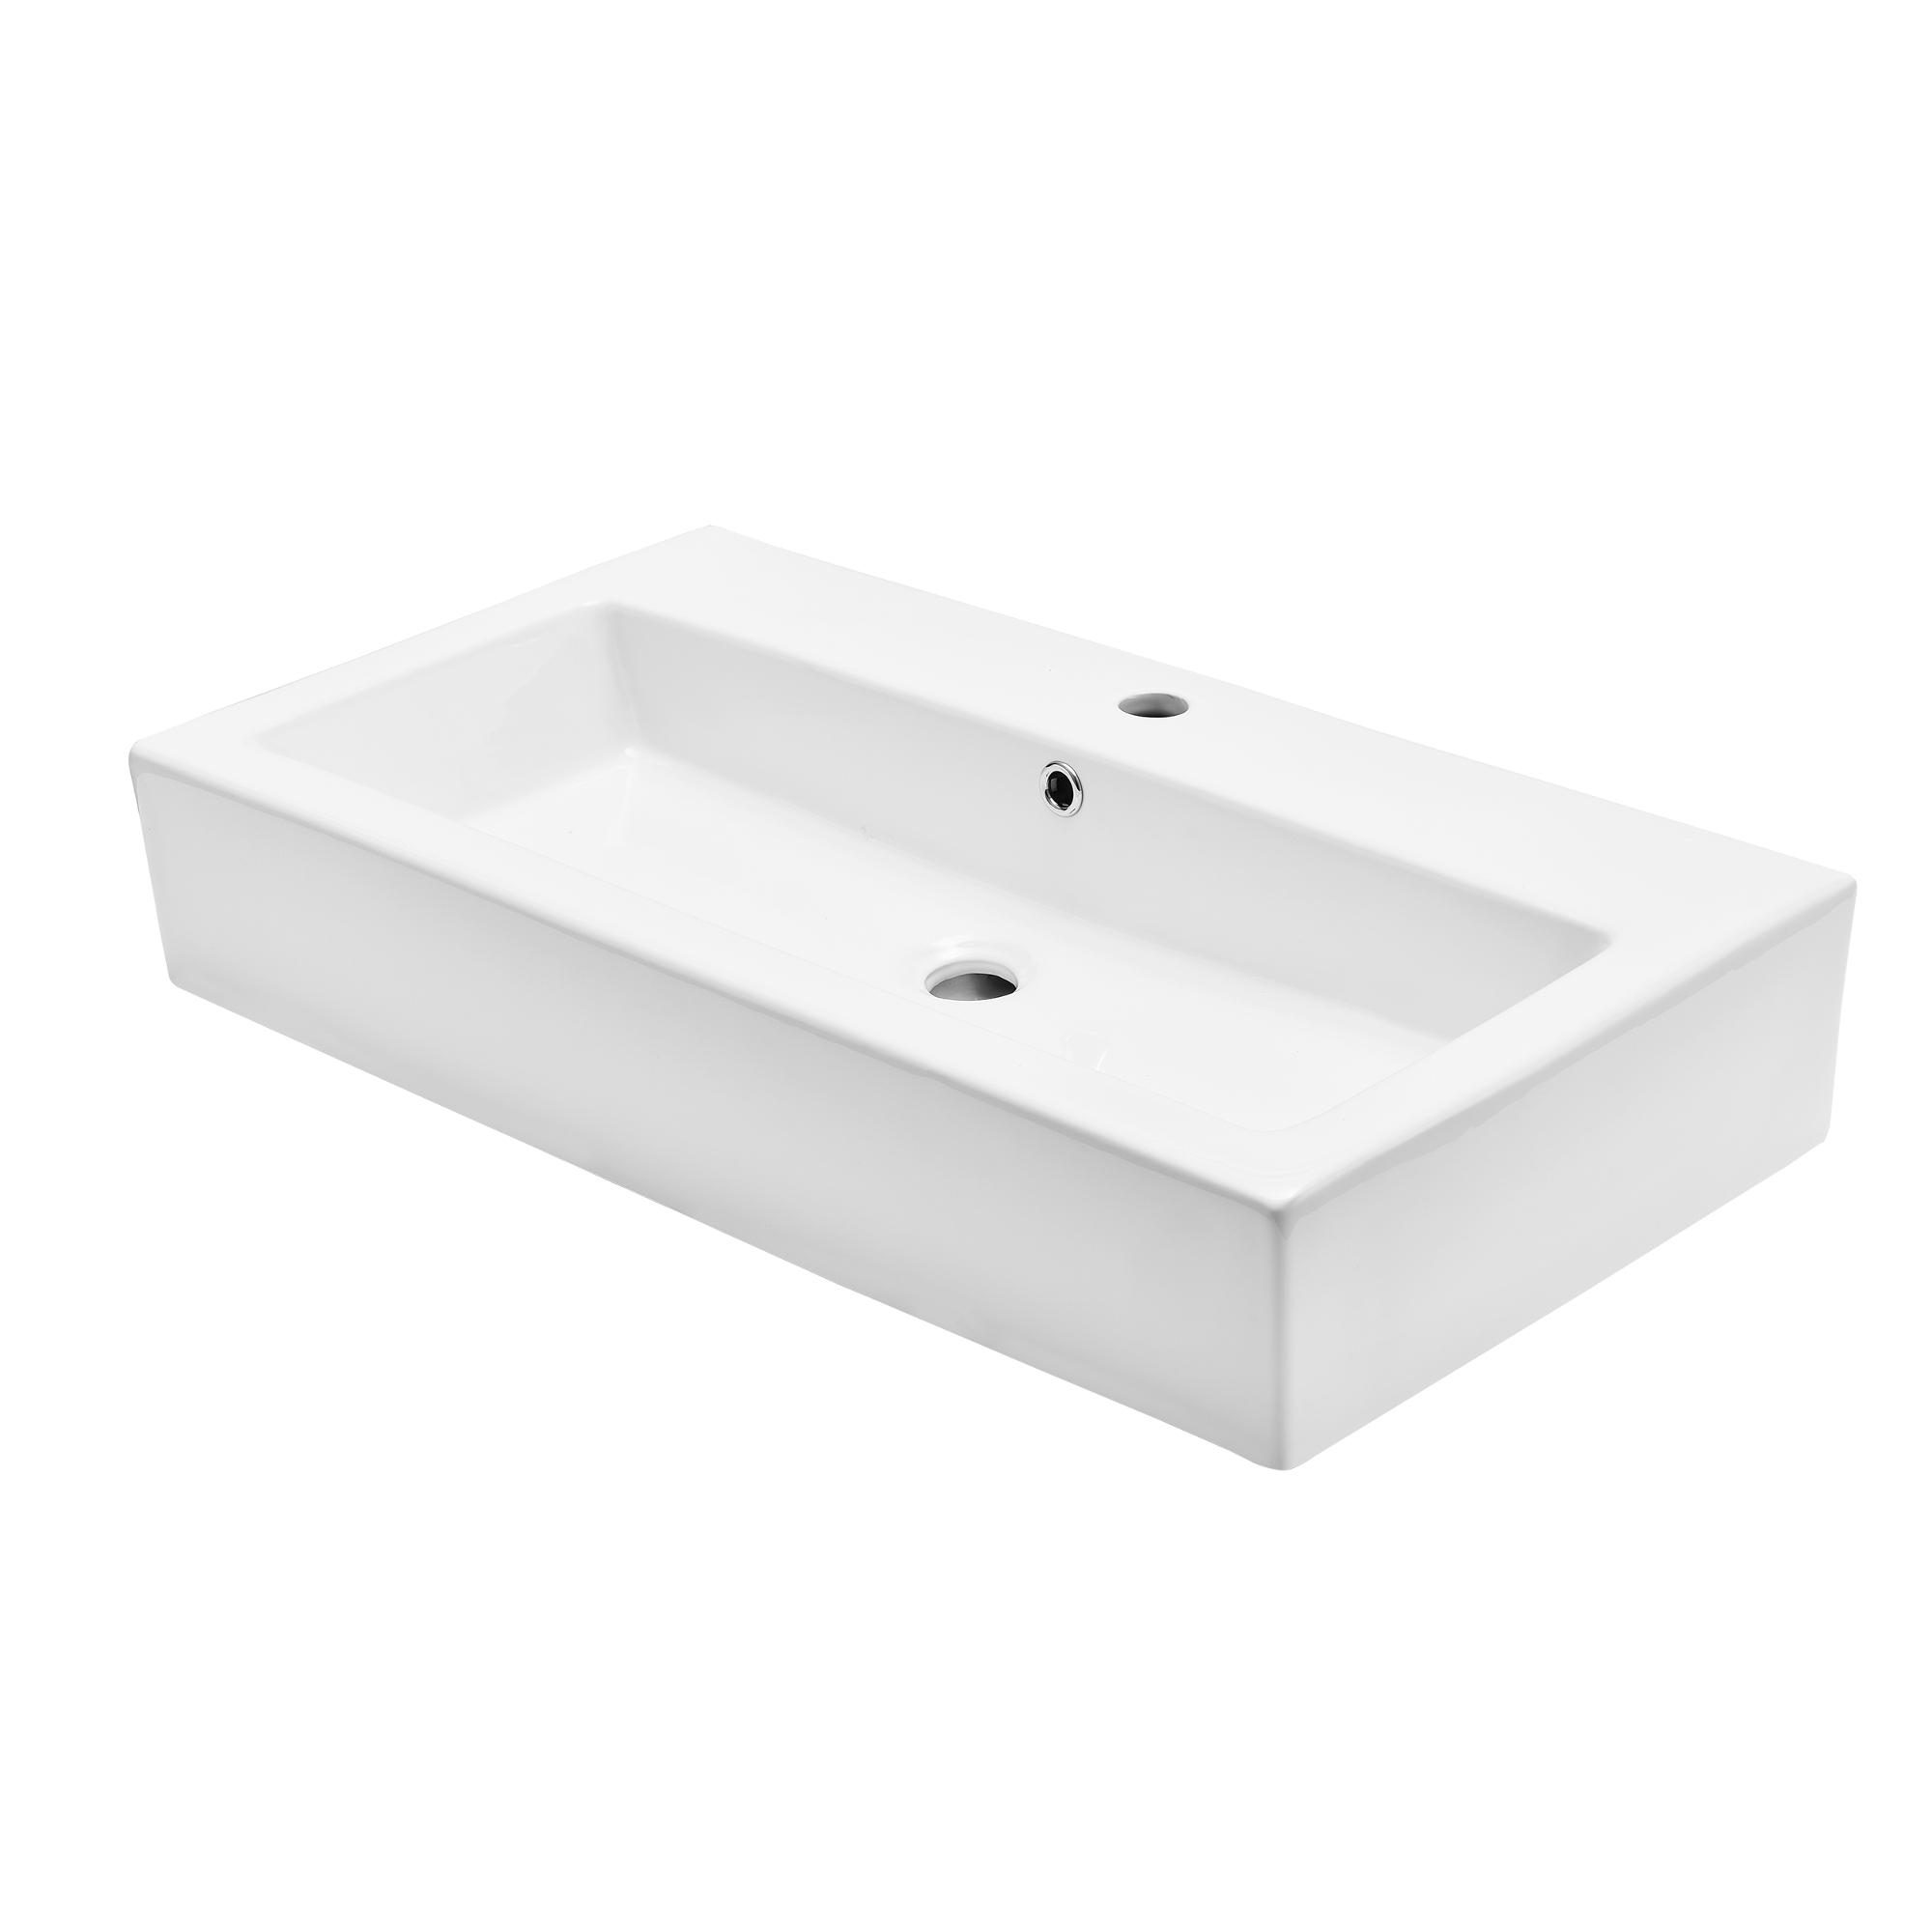 waschbecken aufsatzwaschbecken 80x44cm keramik wei waschtisch wand ebay. Black Bedroom Furniture Sets. Home Design Ideas